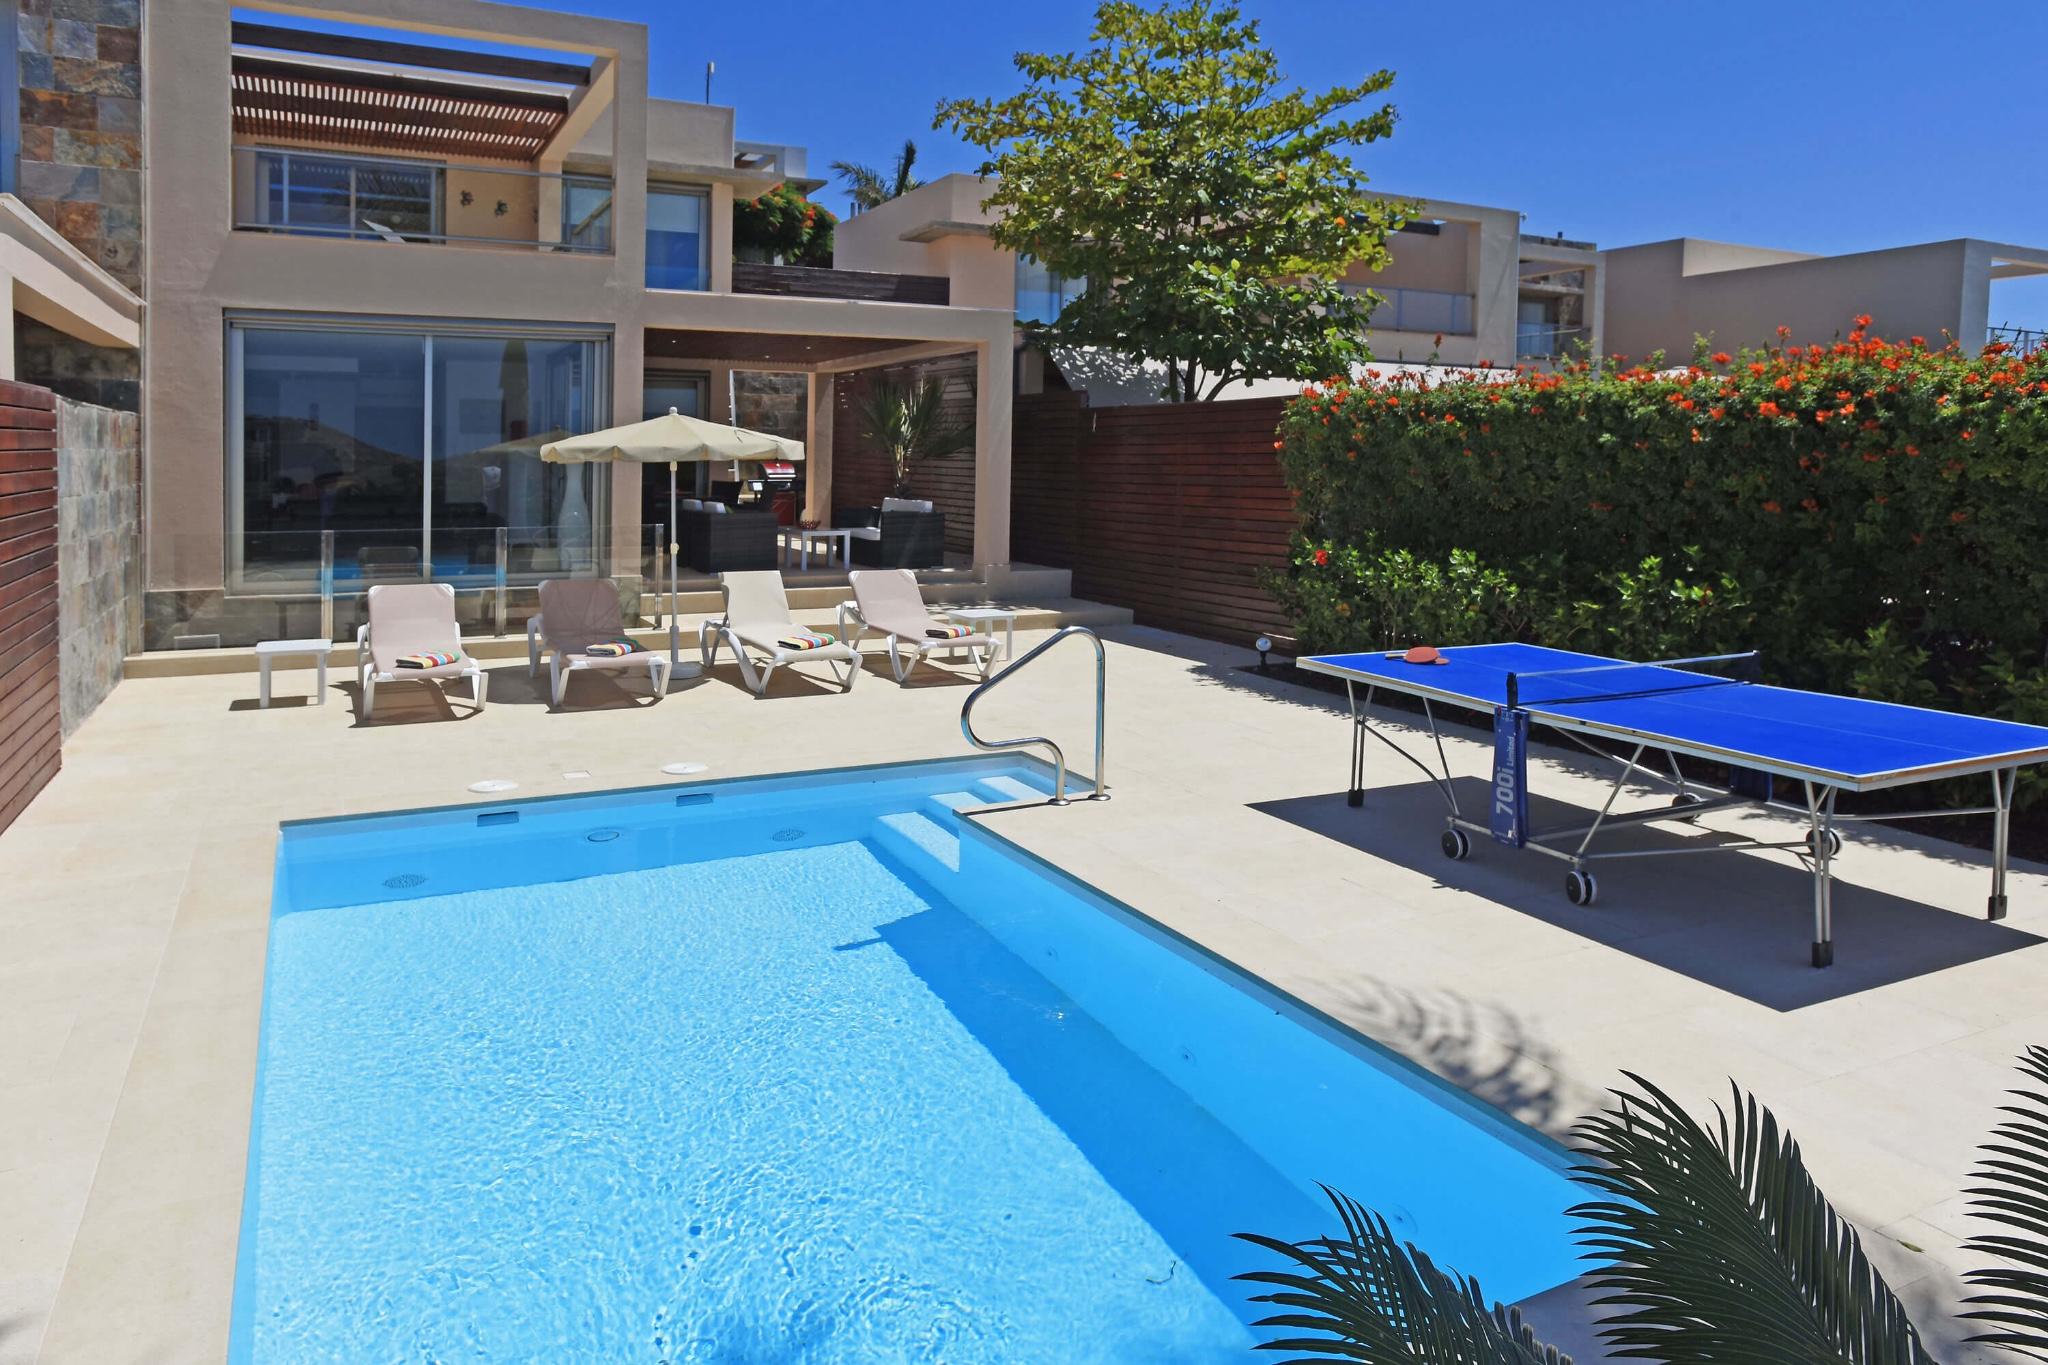 Moderne zweistöckige Villa mit angenehmen Außenbereich mit Sitzplatz, Sonnenliegen, Tischtennisplatte und Privatpool